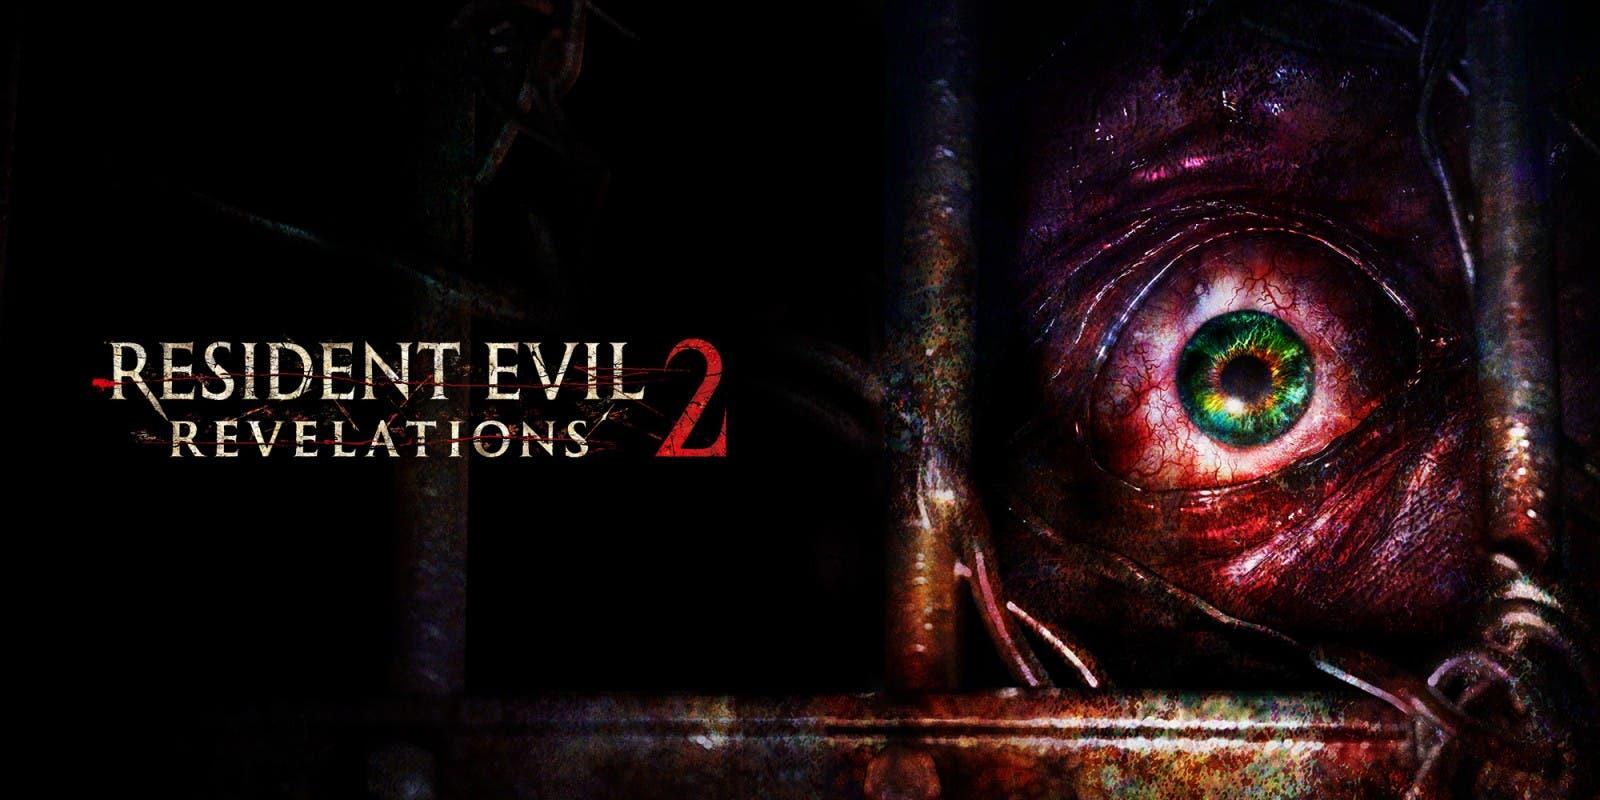 Con la cercana llegada de Resident Evil 3 Remake, ¿en qué orden debemos jugar la saga? 9